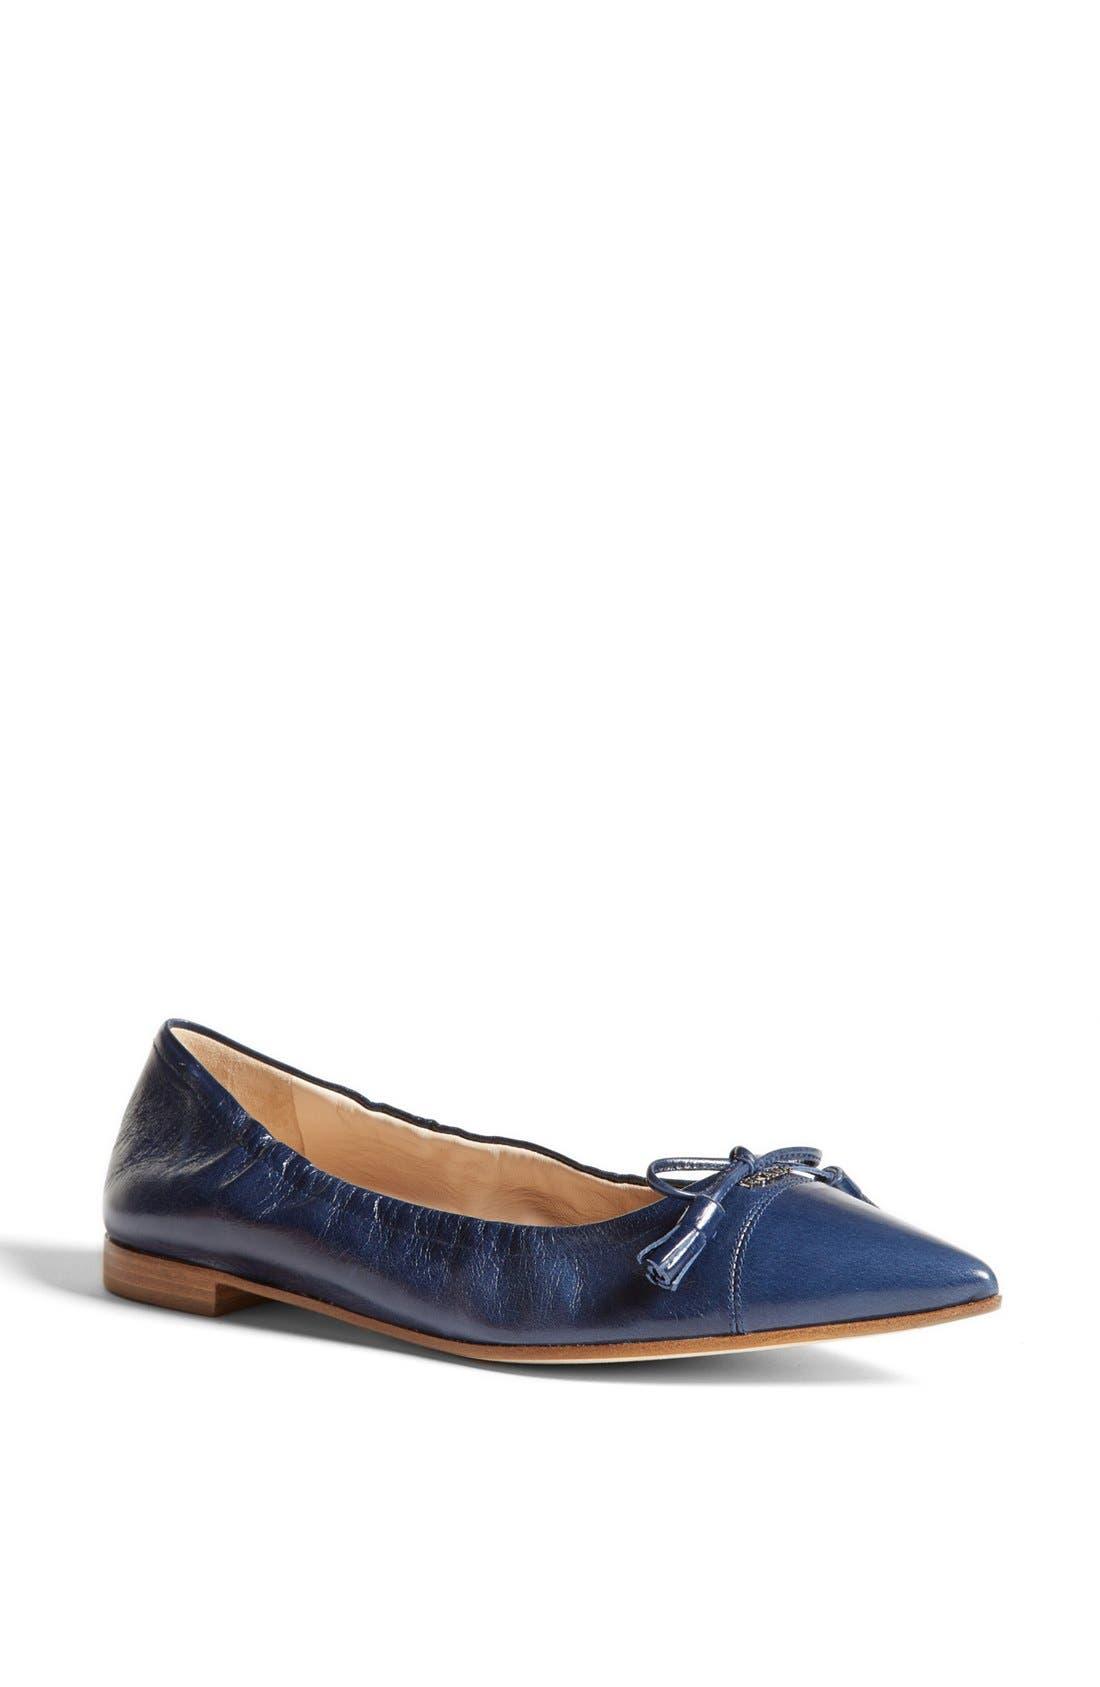 Main Image - Prada Pointy Toe Ballerina Flat